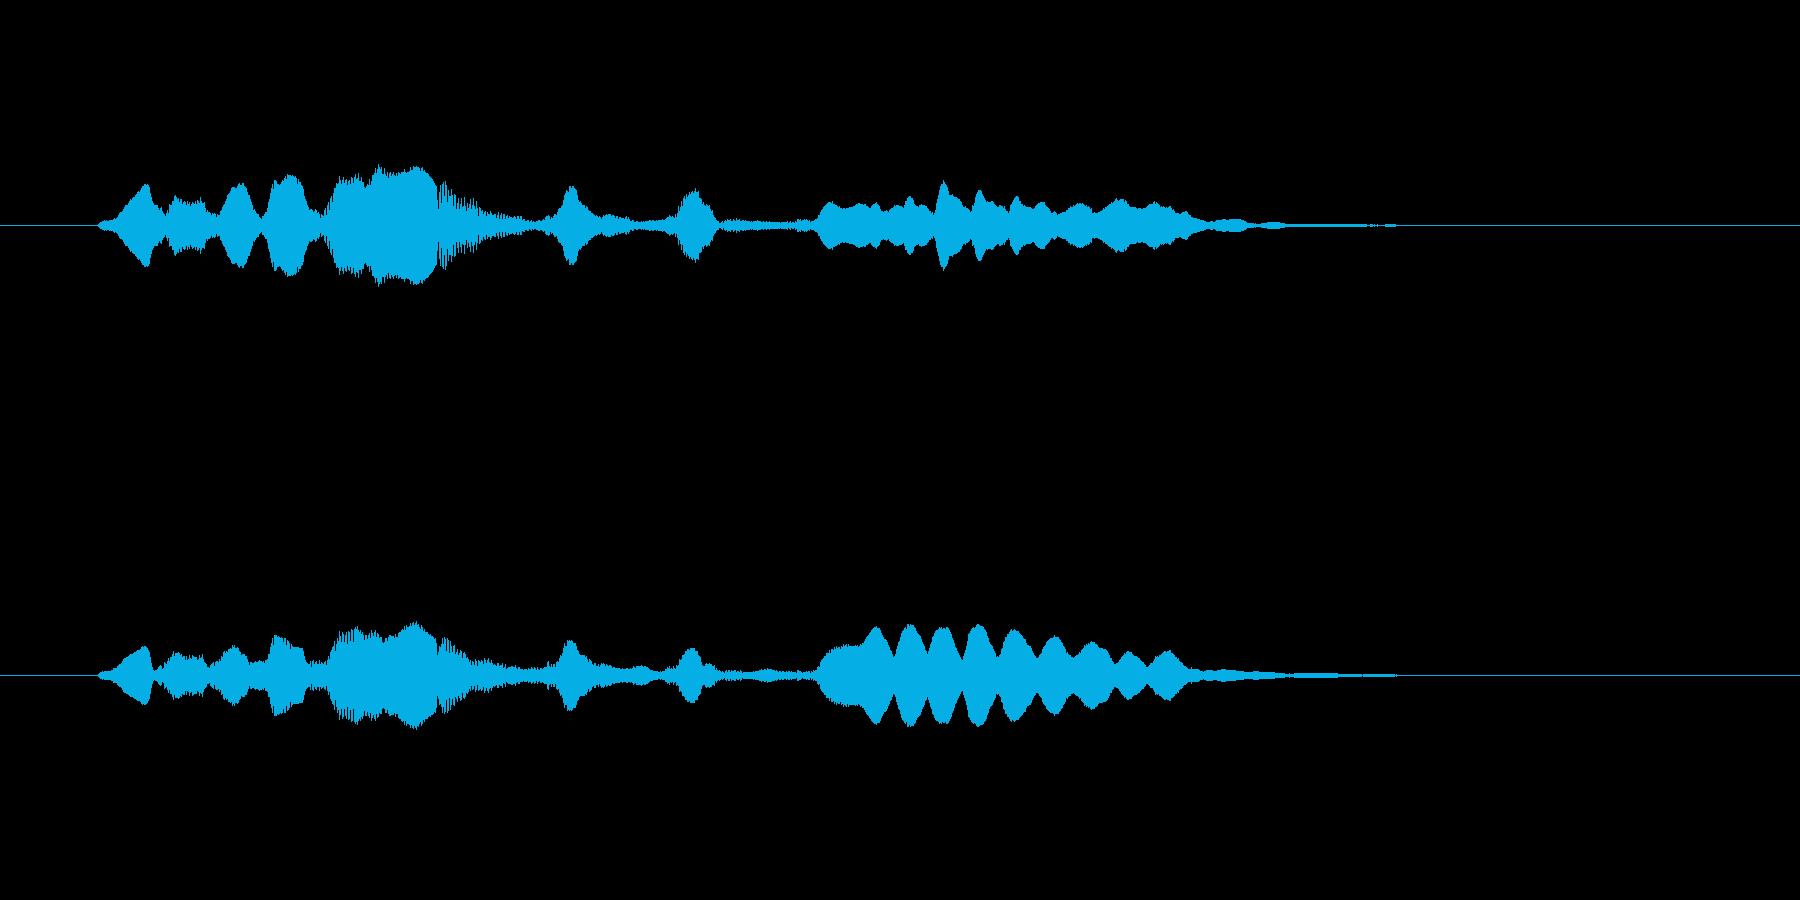 メルヘンな管楽器の効果音の再生済みの波形